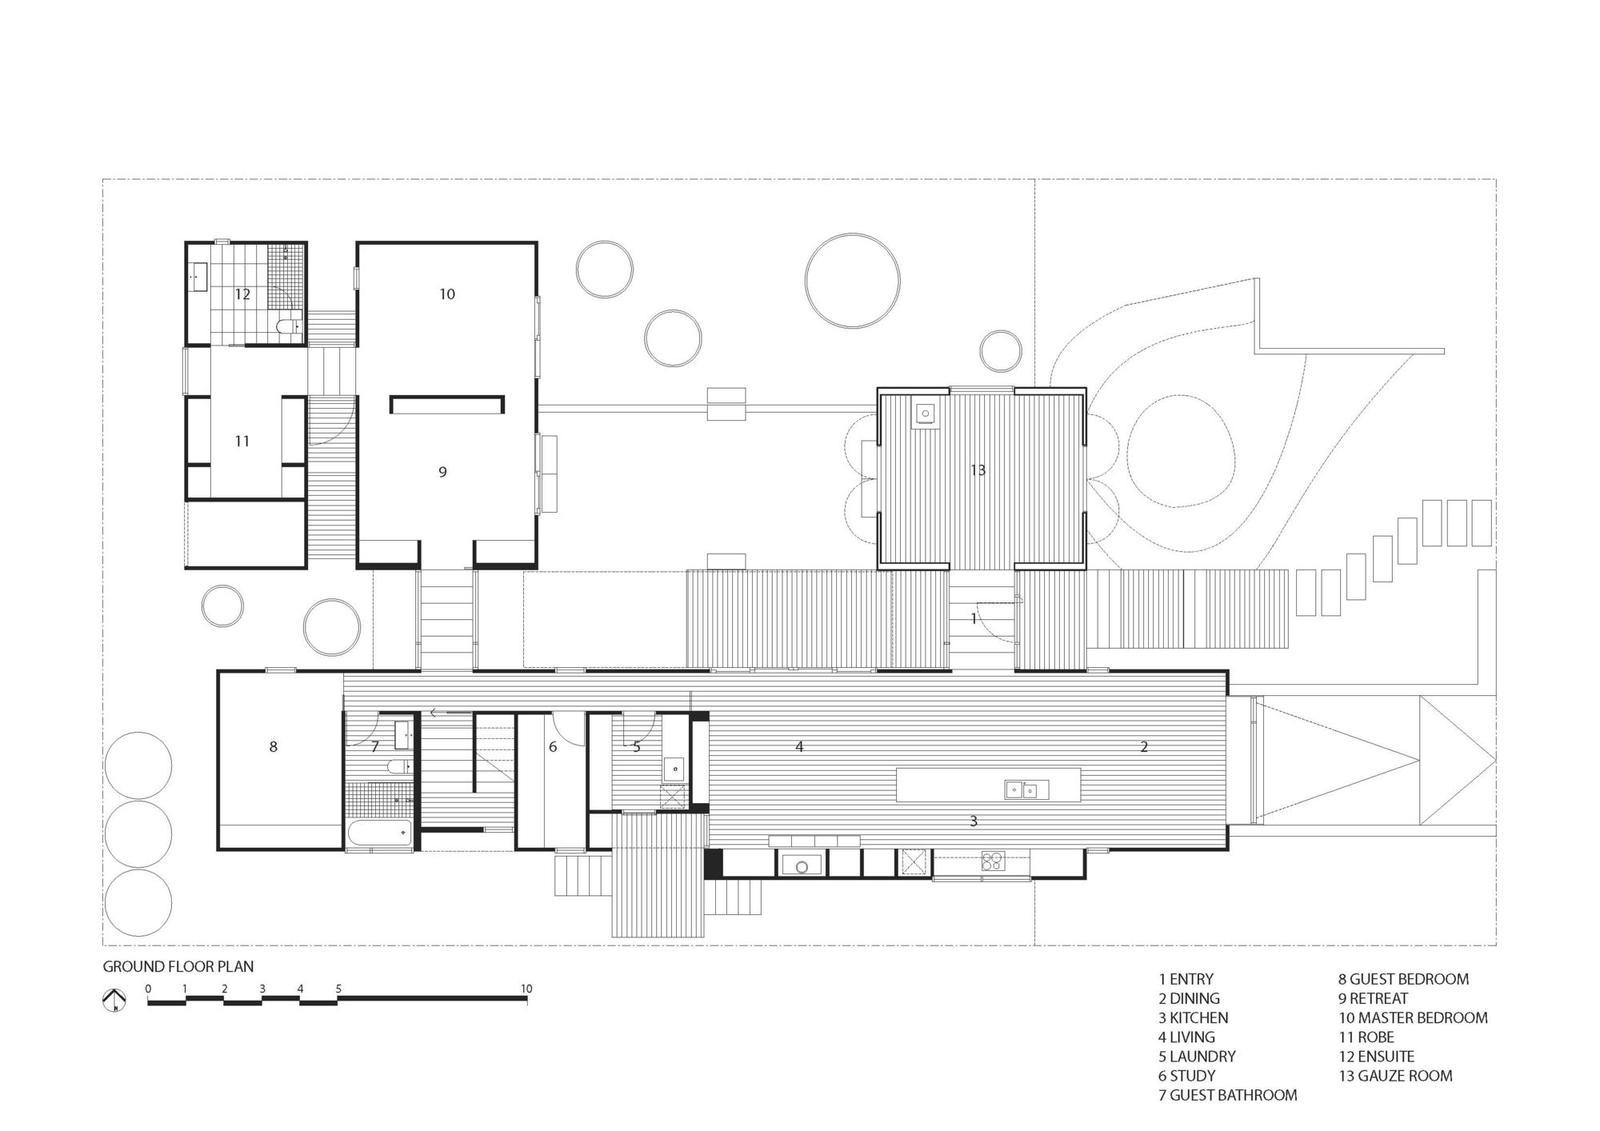 Domy, které mě zaujaly - Obrázek č. 14